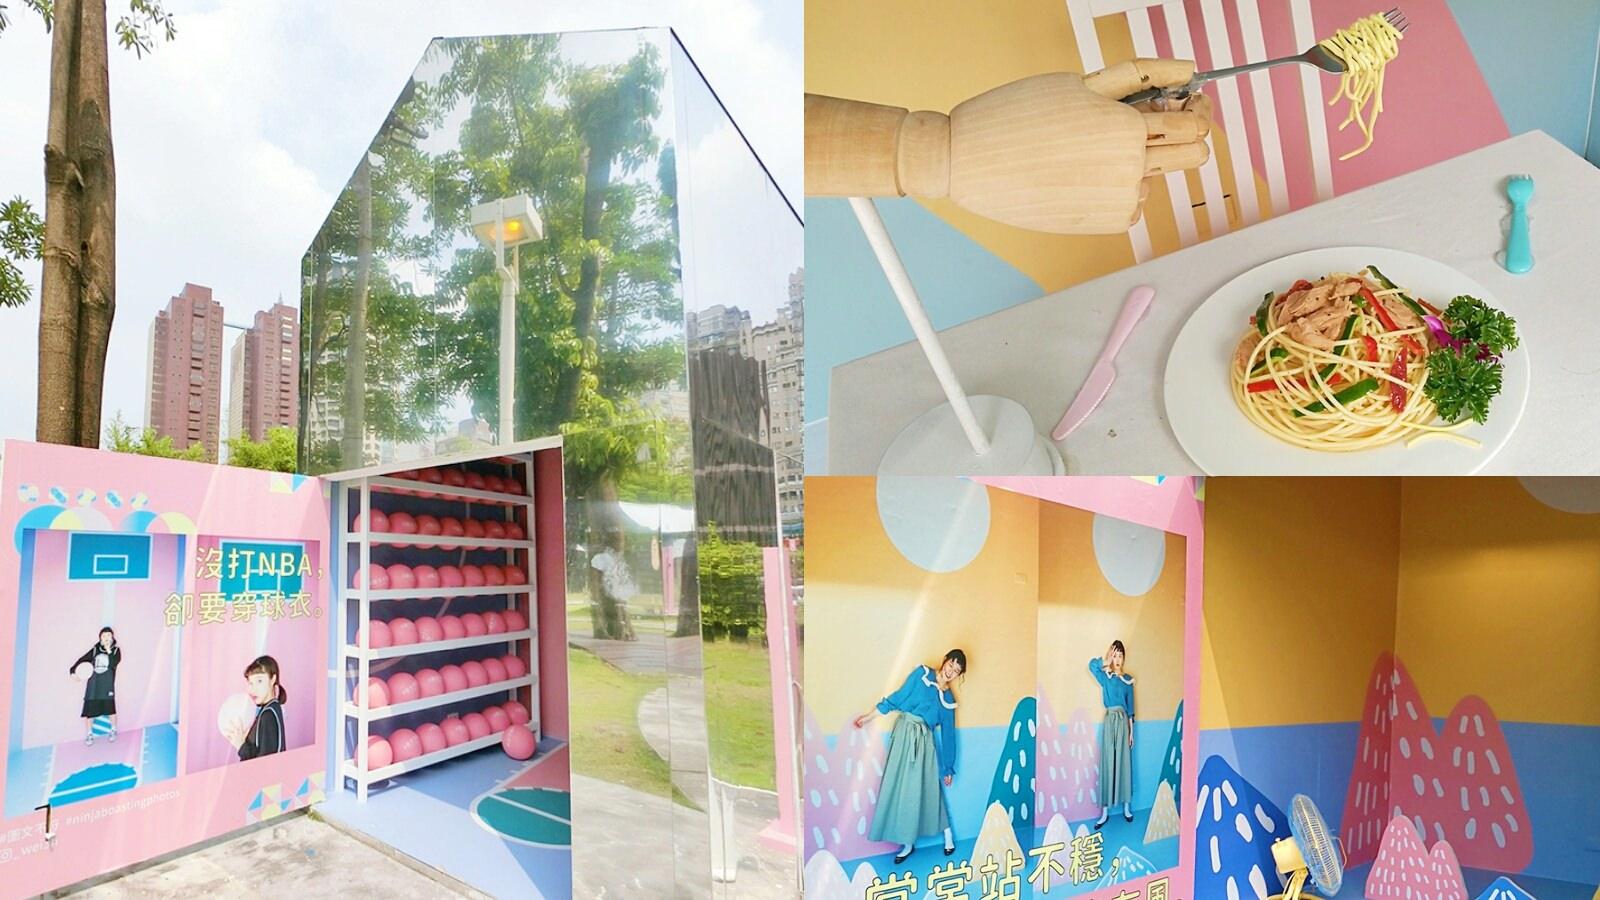 台中最夯IG打卡新景點-粉紅現象小房子篇